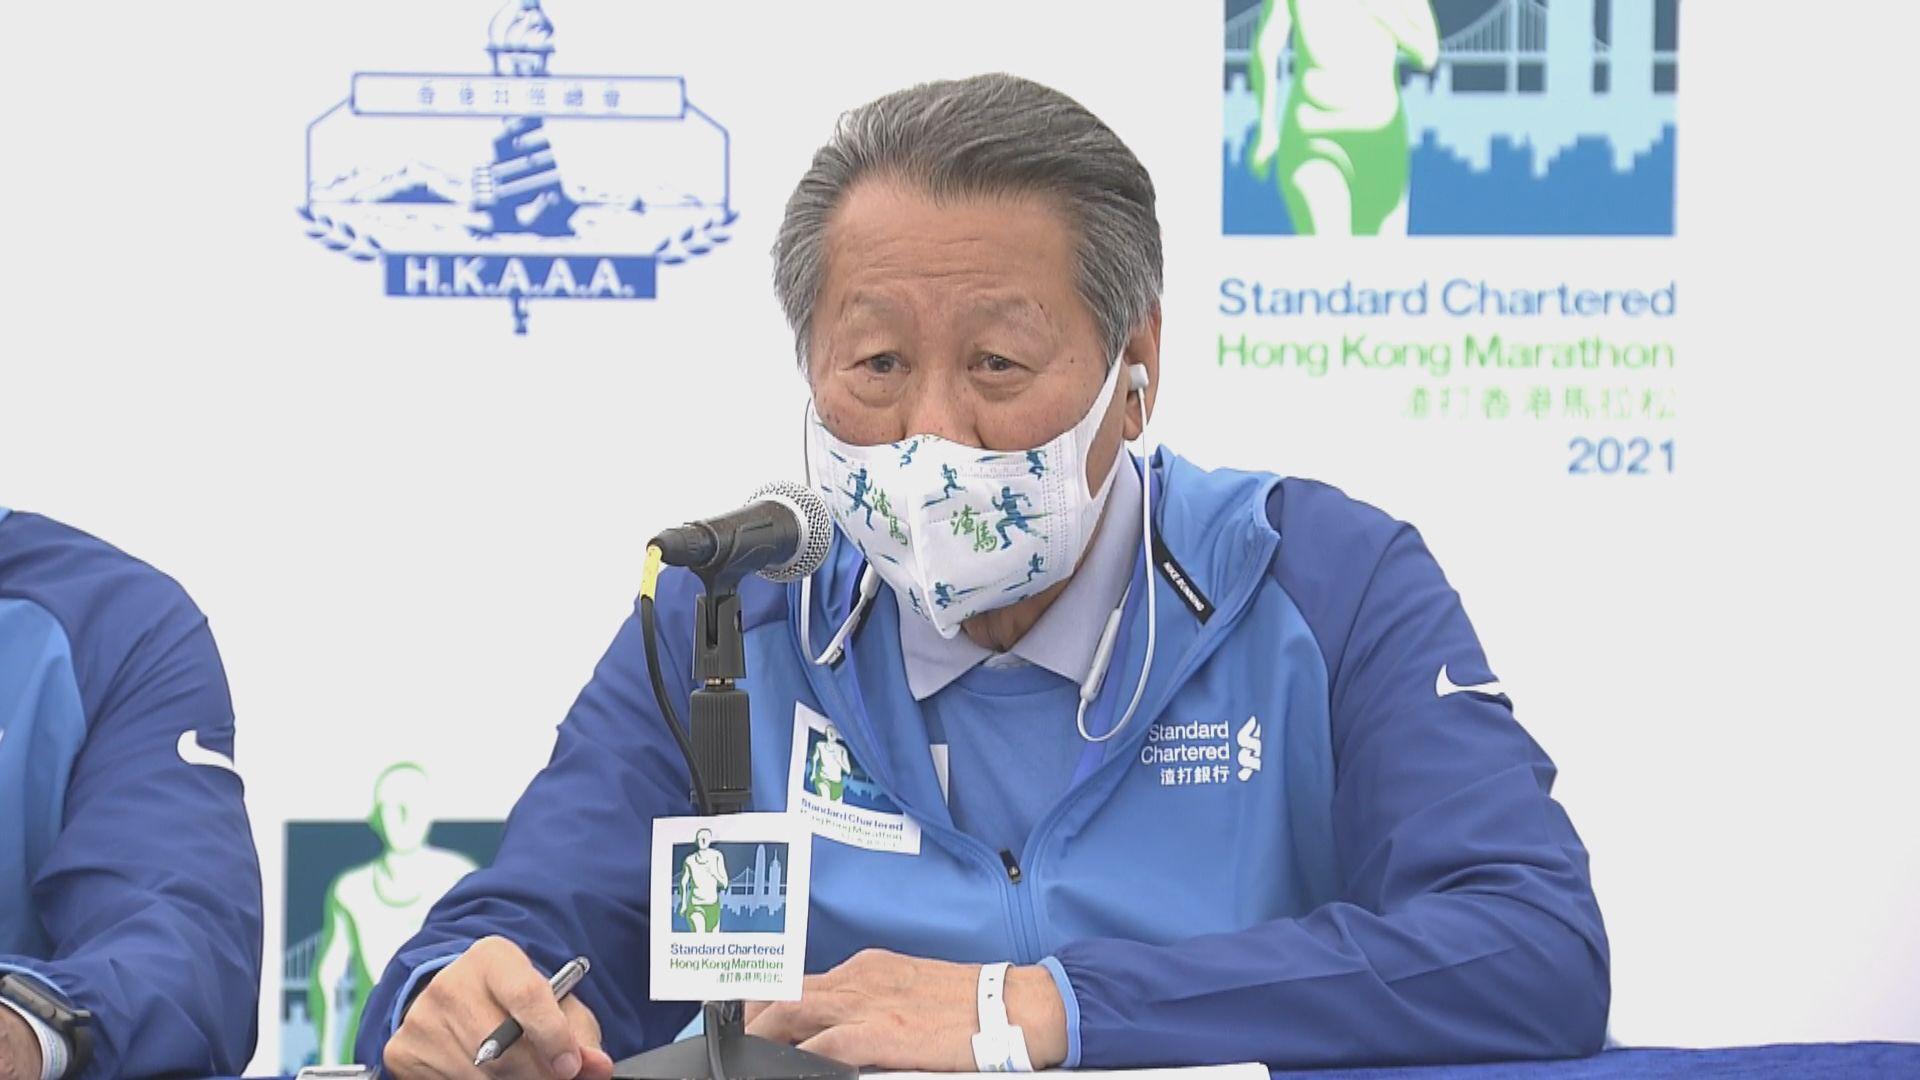 跑手穿「香港」衣服須更換 高威林︰不知道事件